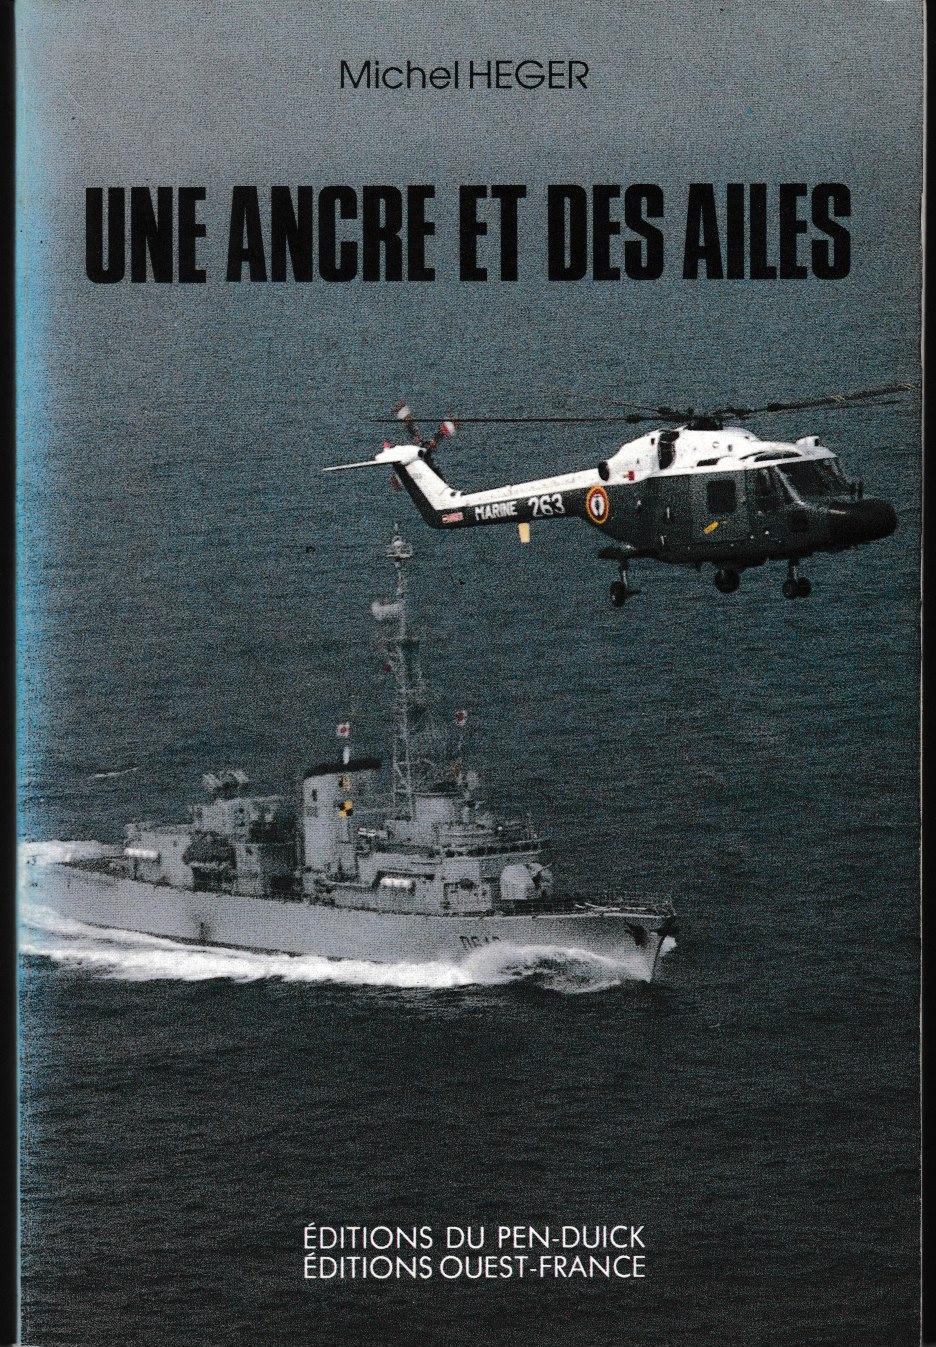 [Aéronavale divers] Le LYNX WG13 - Page 13 Numzor22